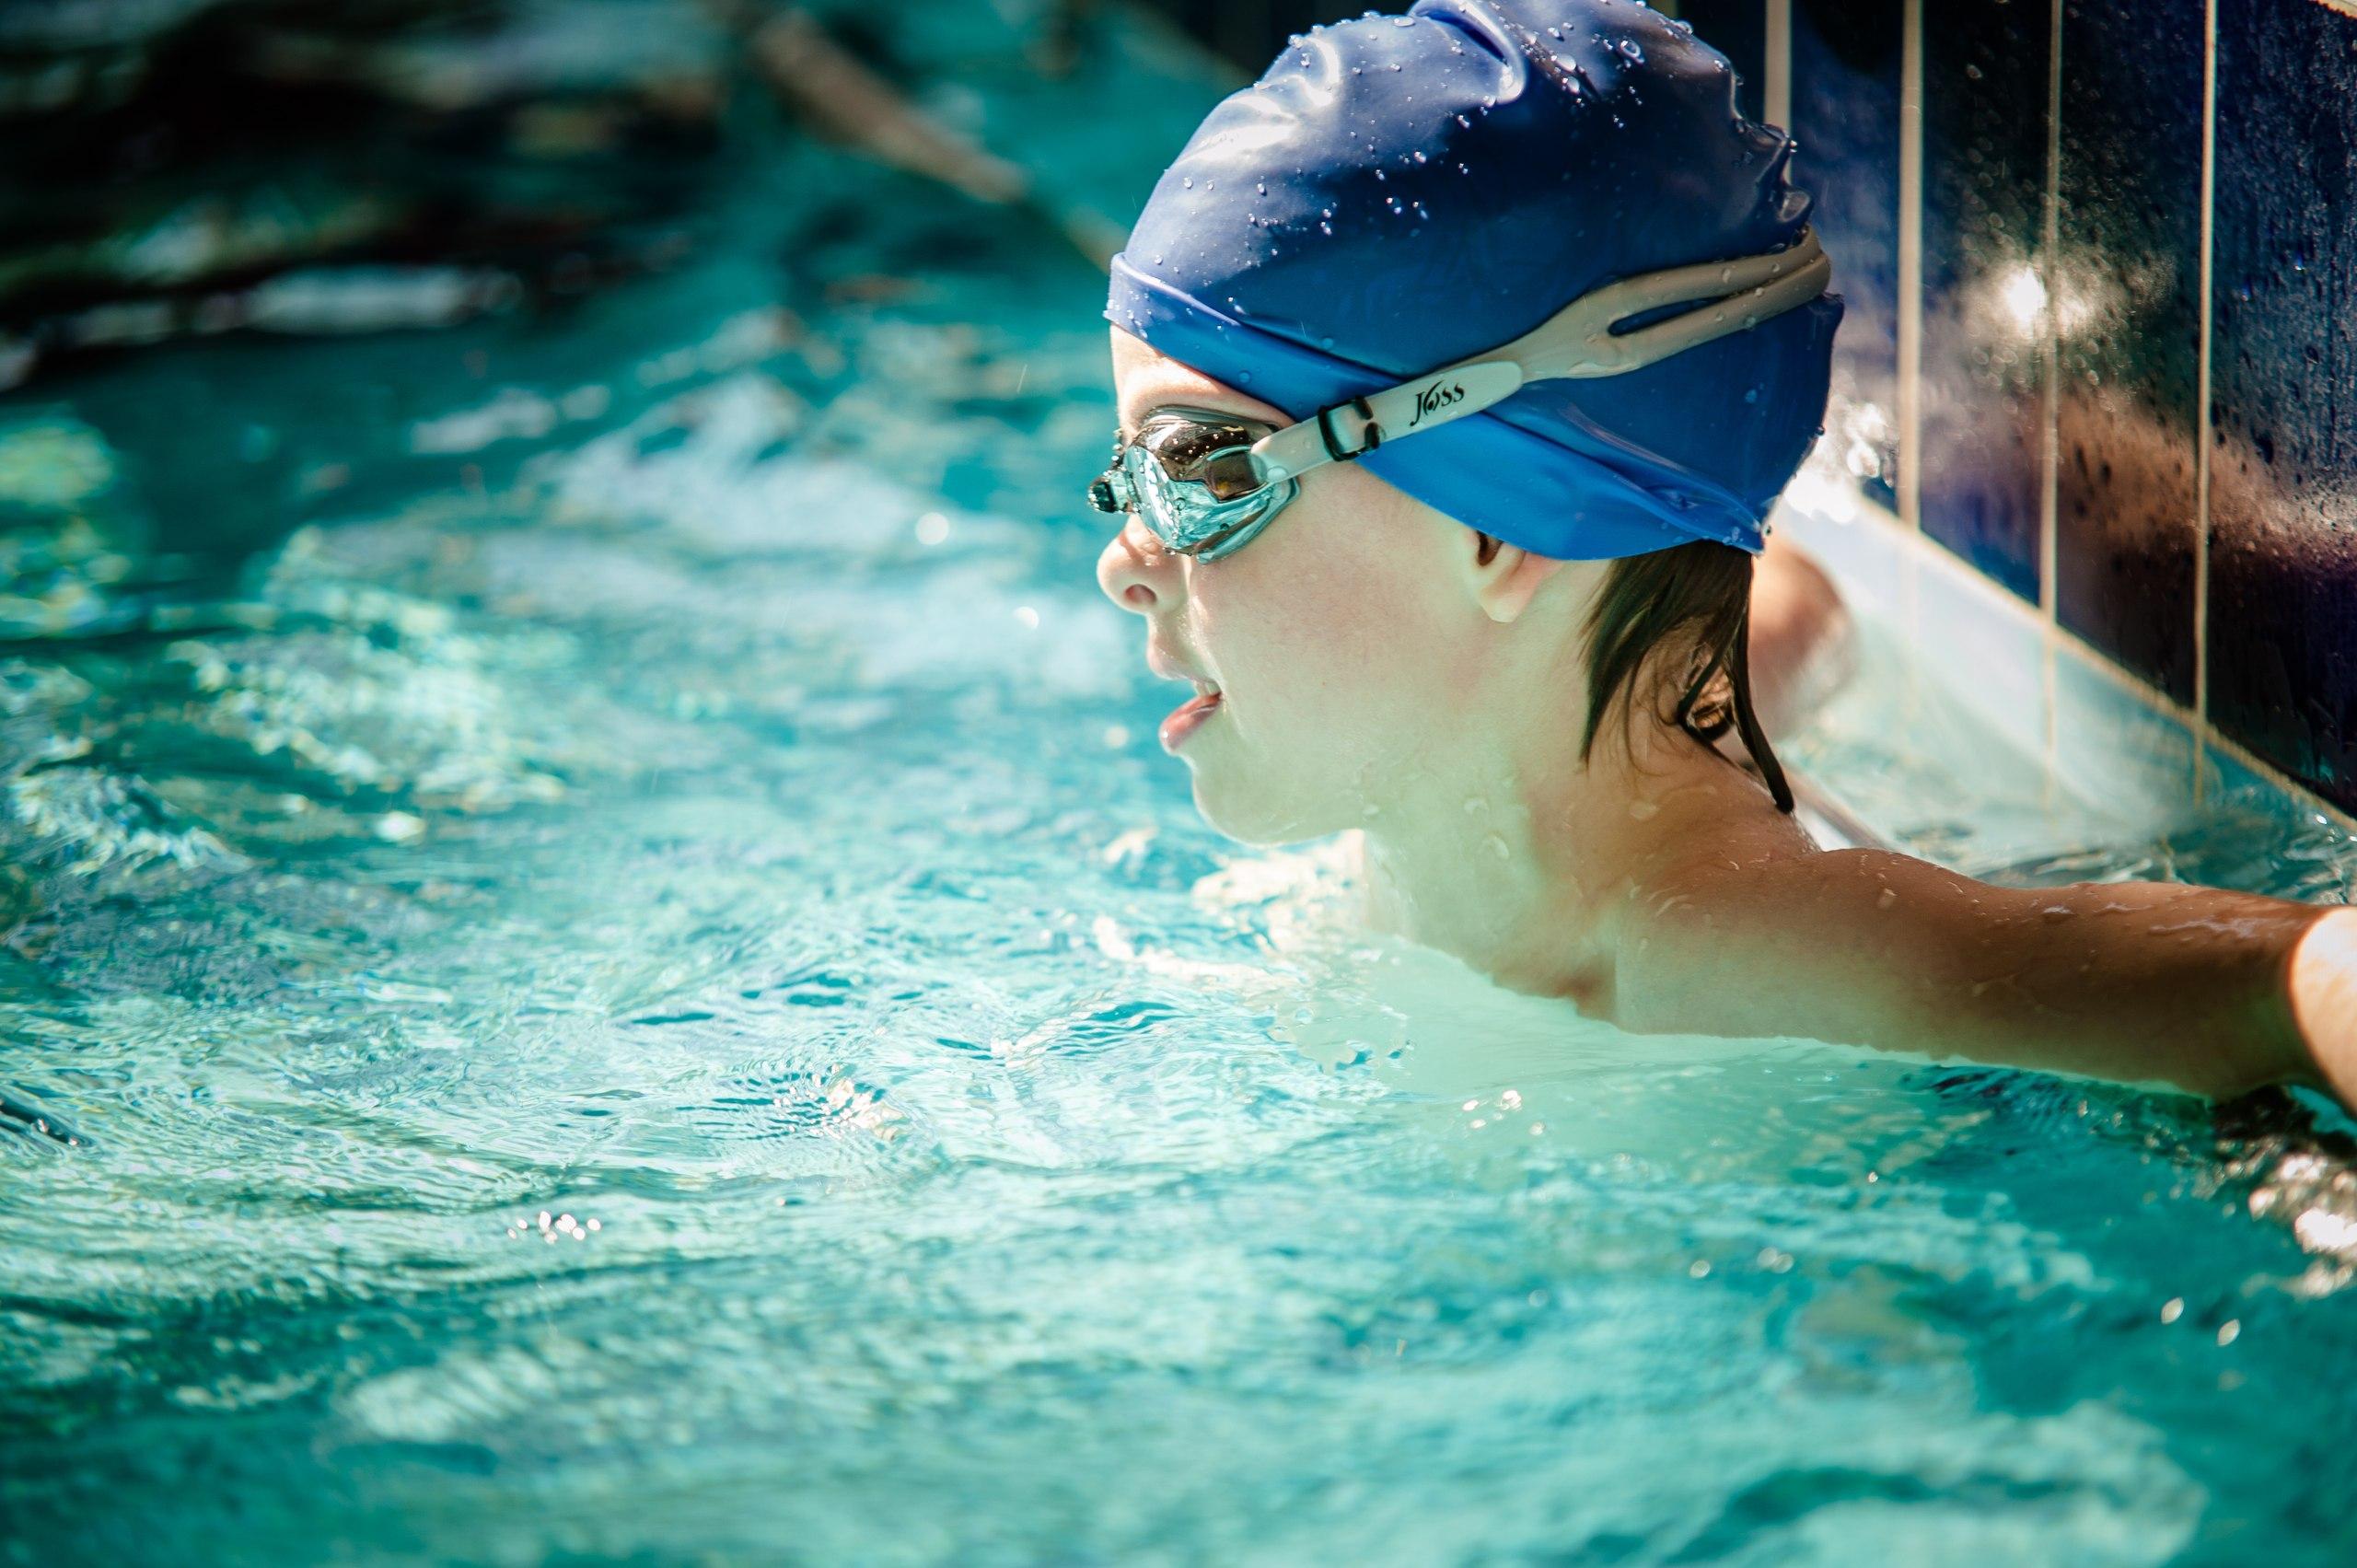 плавание для детей марина клаб marina club бассейн для детей на войковской